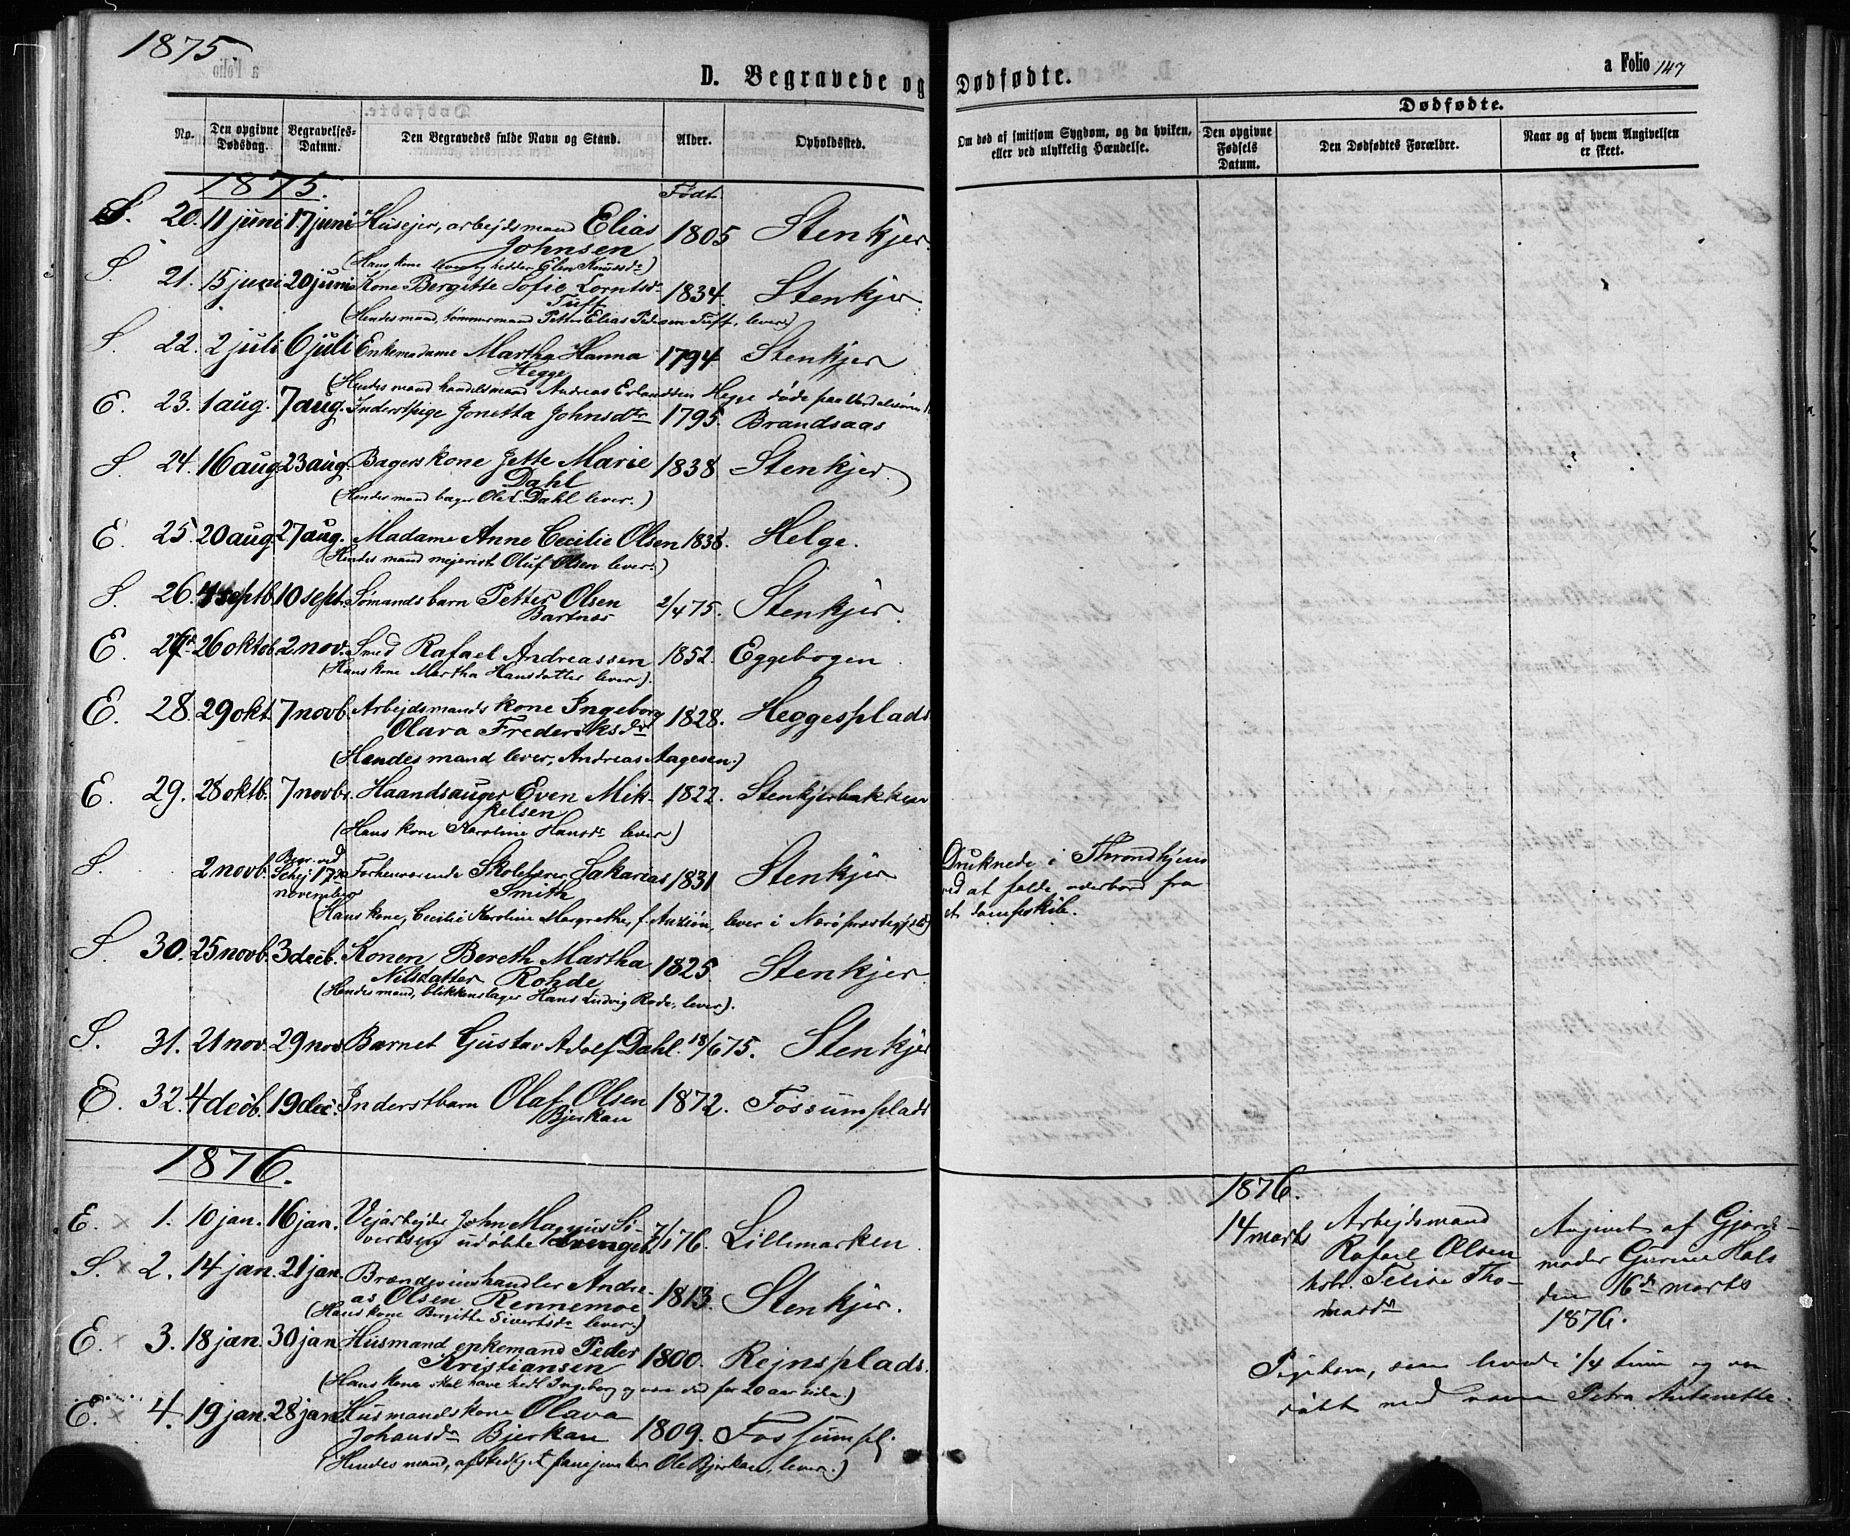 SAT, Ministerialprotokoller, klokkerbøker og fødselsregistre - Nord-Trøndelag, 739/L0370: Ministerialbok nr. 739A02, 1868-1881, s. 147